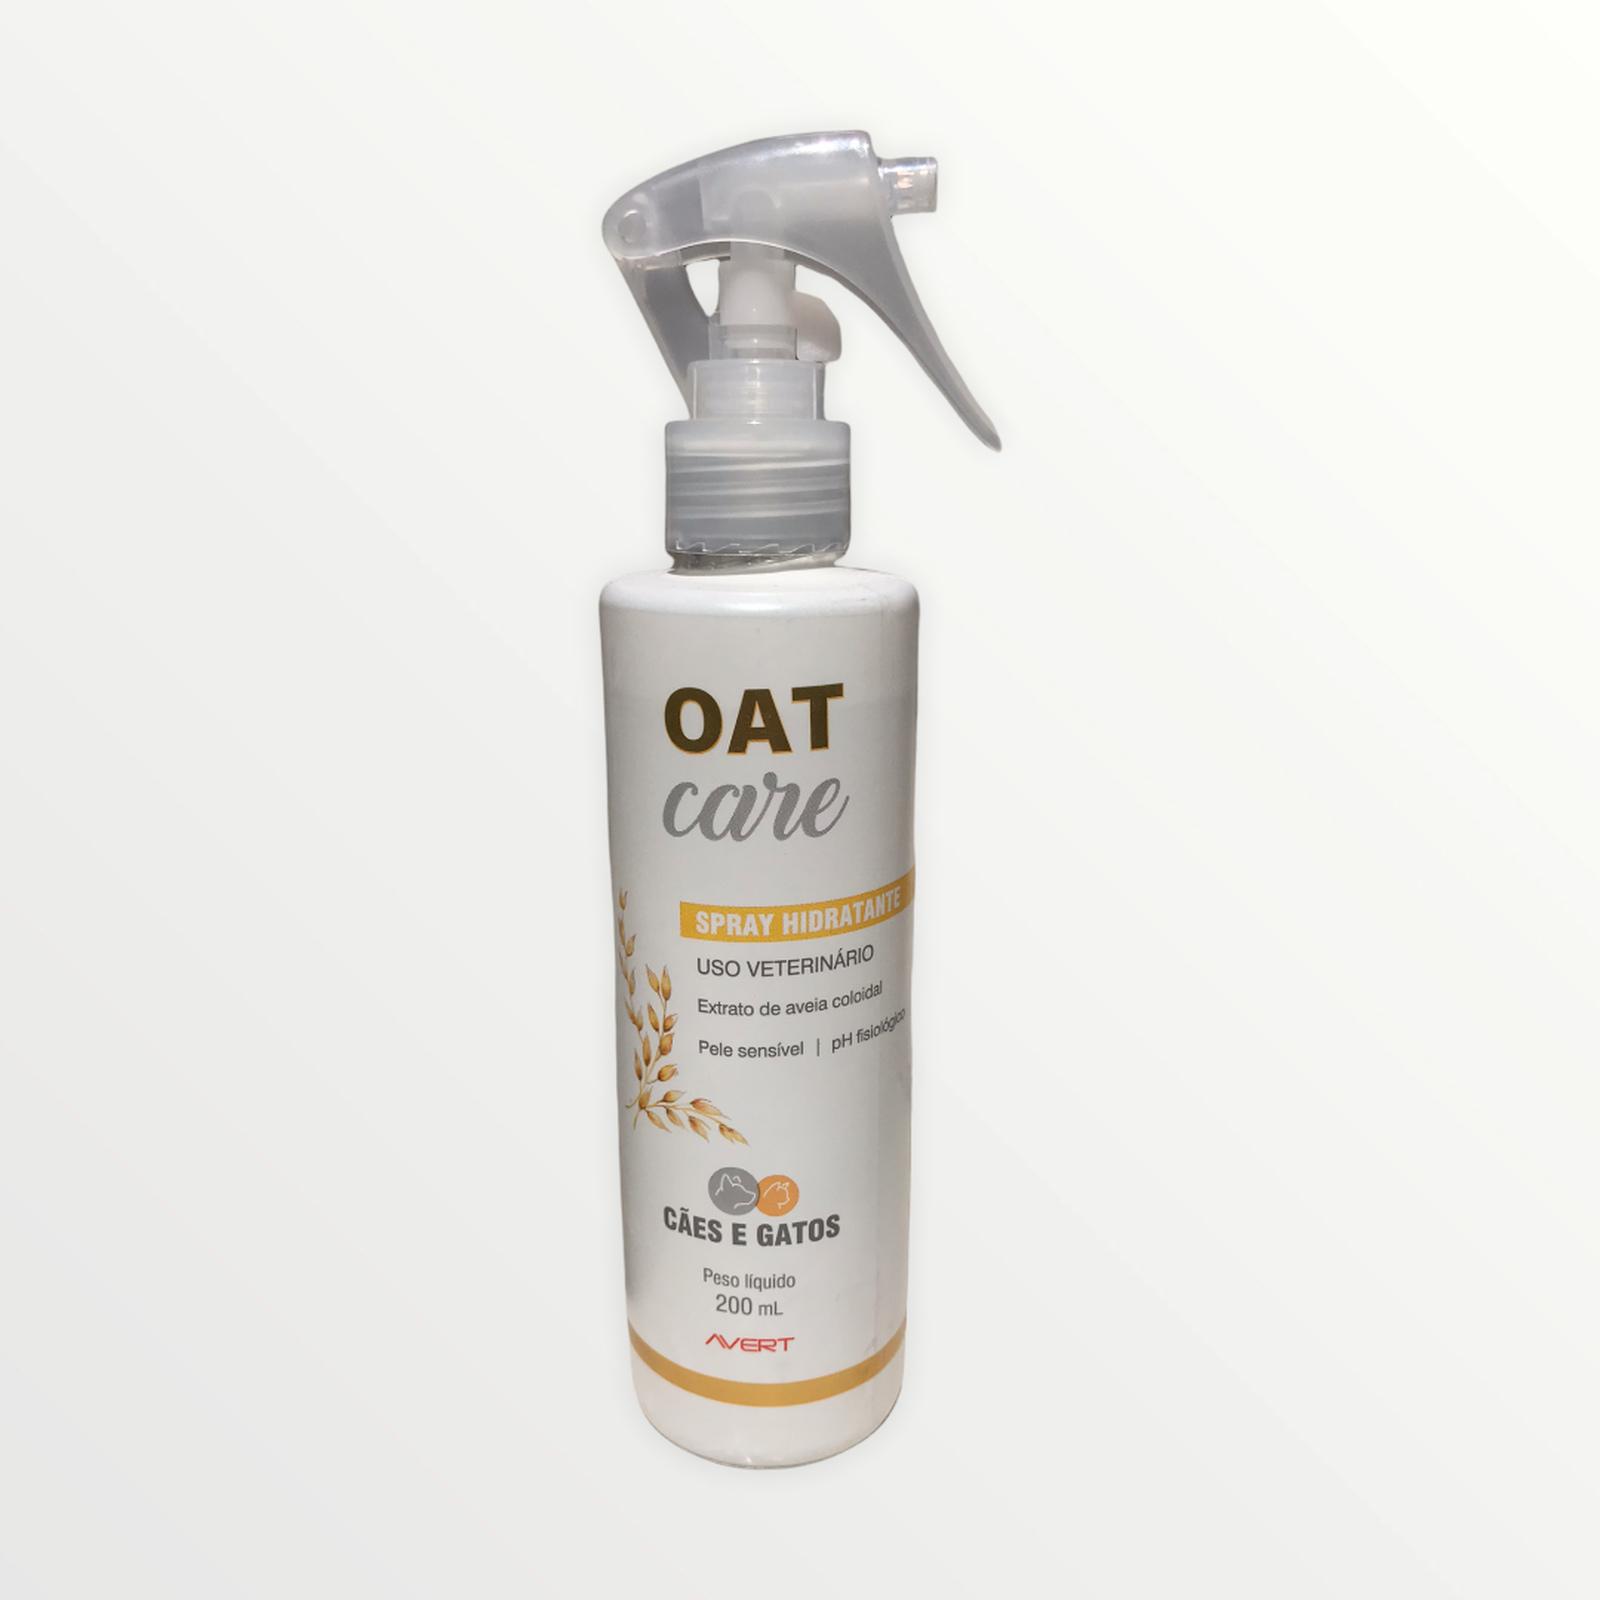 Spray Hidratante Oat Care 200ml - Avert